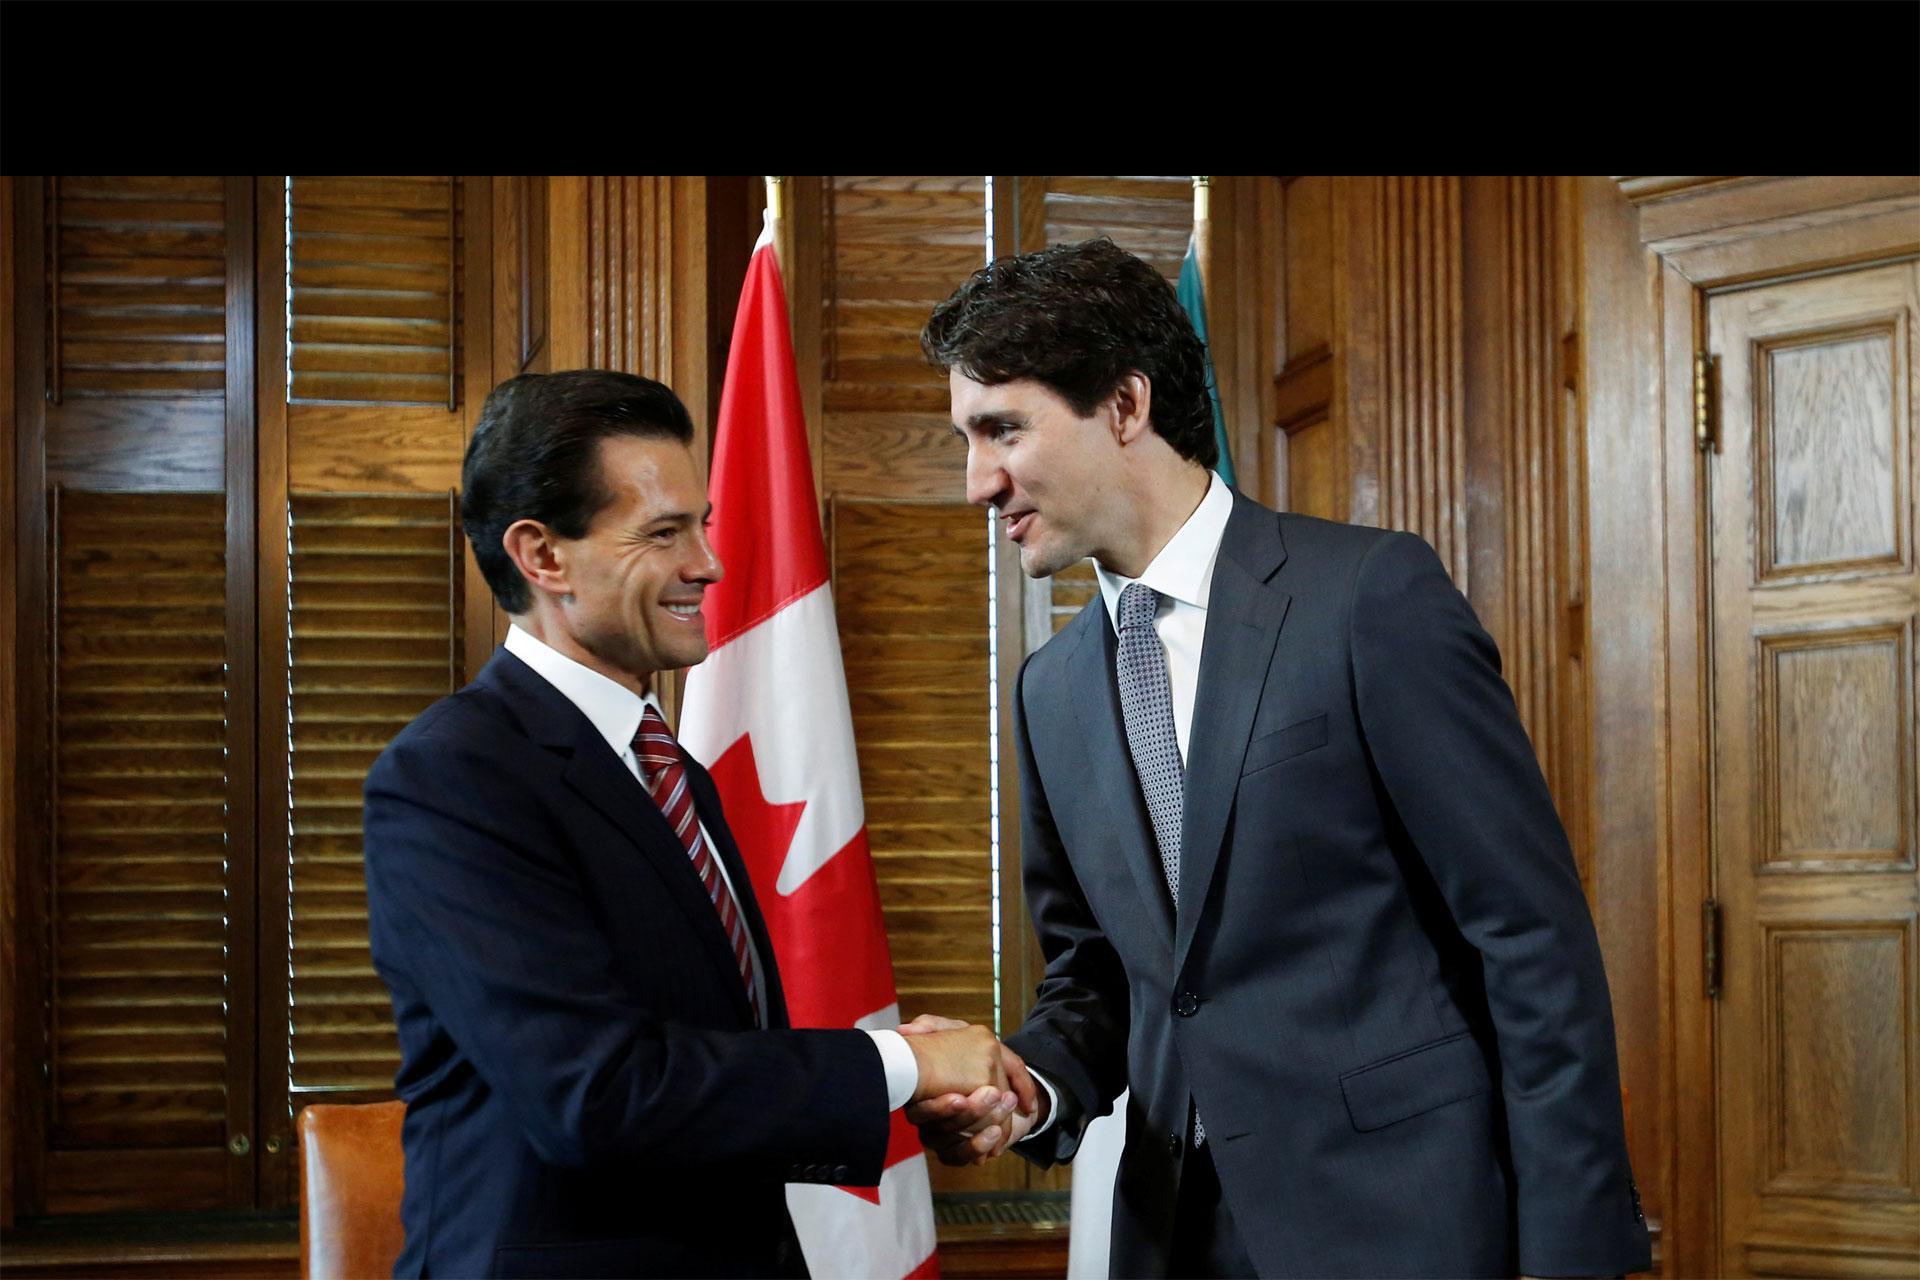 Así lo anunció el primer ministro, Justin Trudeau, durante la visita del presidente Peña Nieto a su país